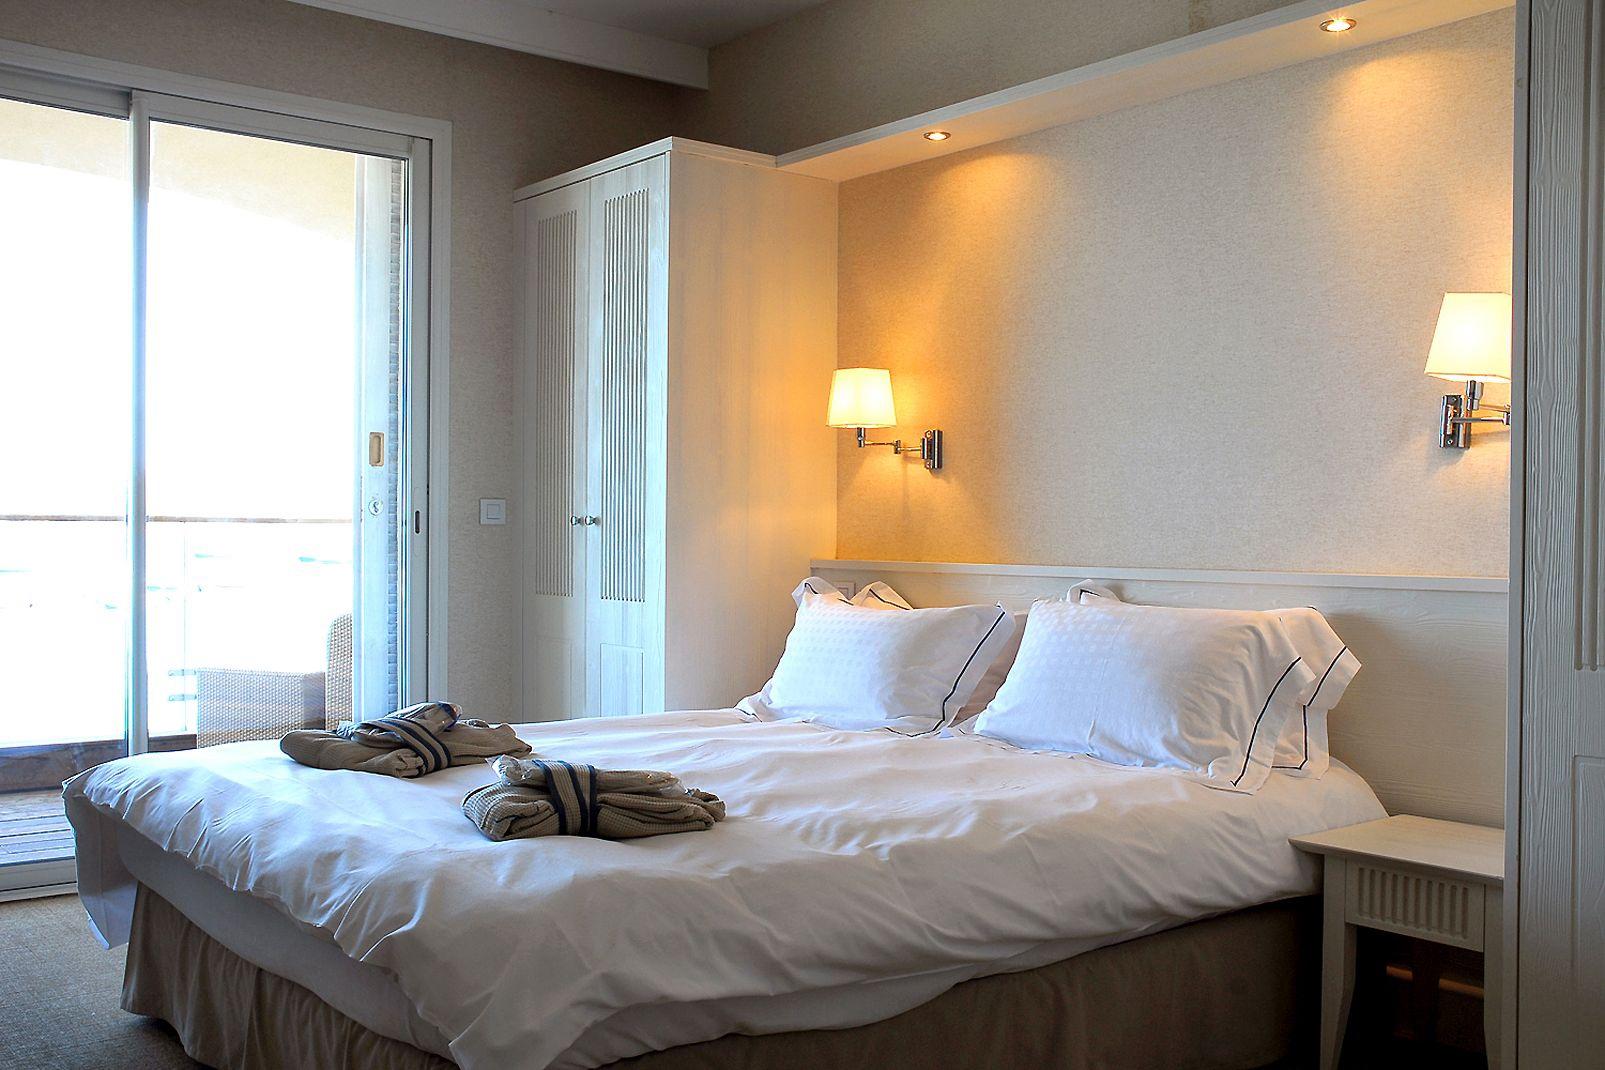 Hôtel Le Pinarello - 4 étoiles - Pinarello - 1